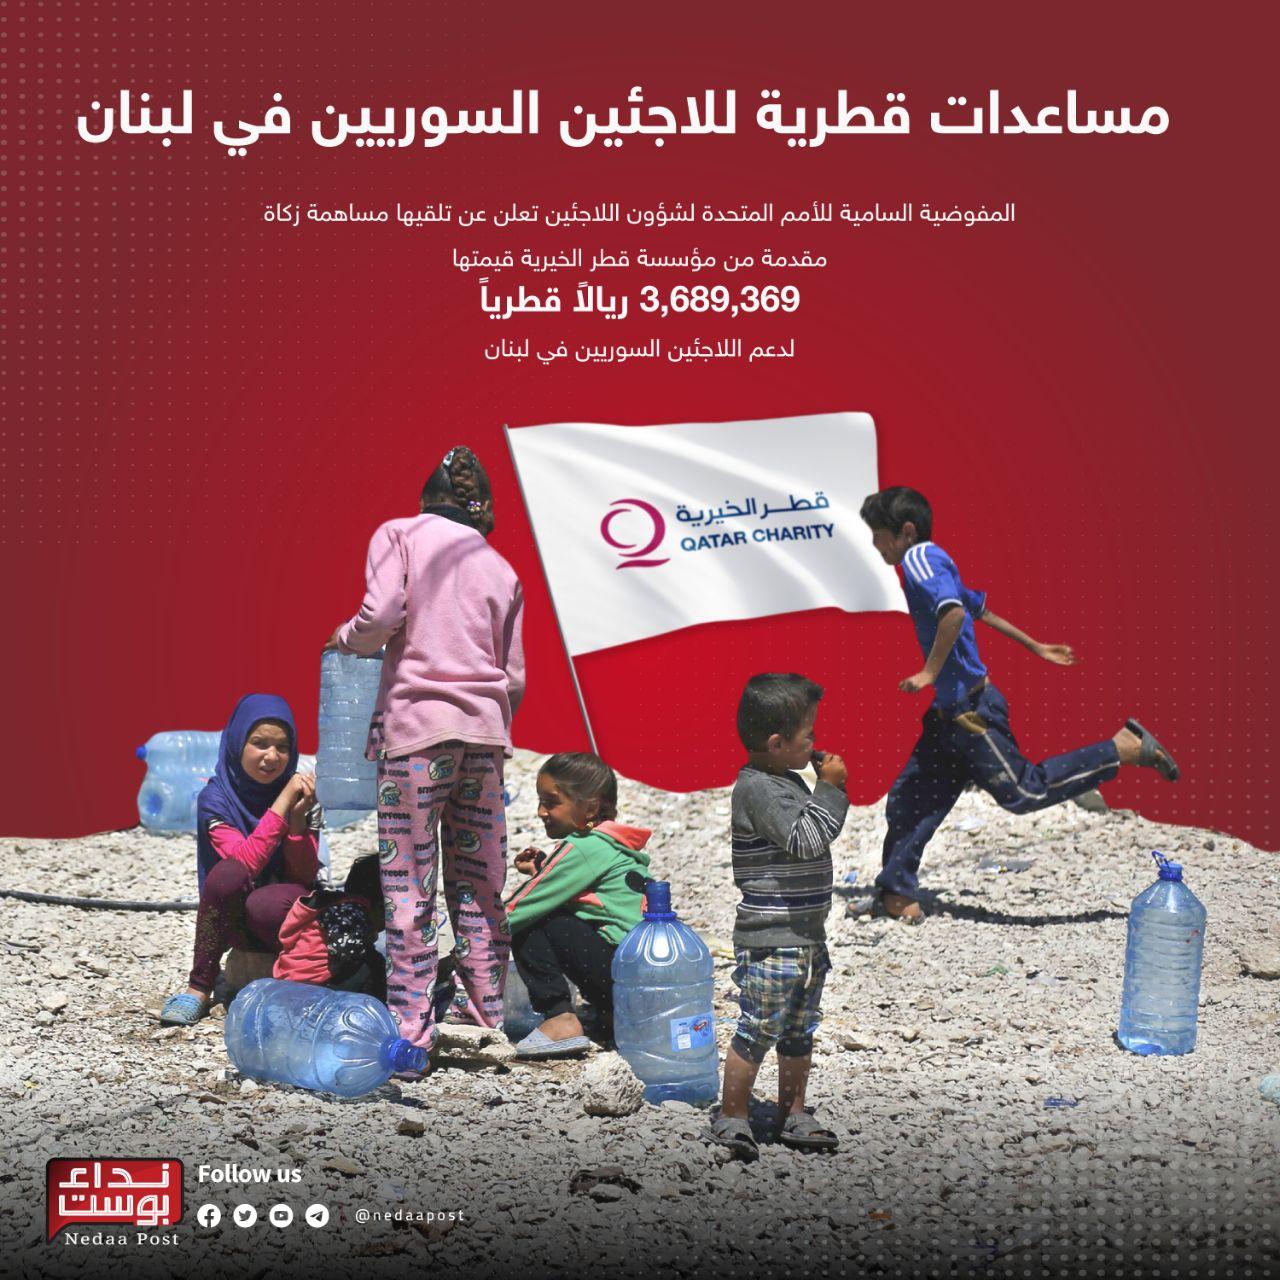 مساعدات قطرية للاجئين السوريين في لبنان